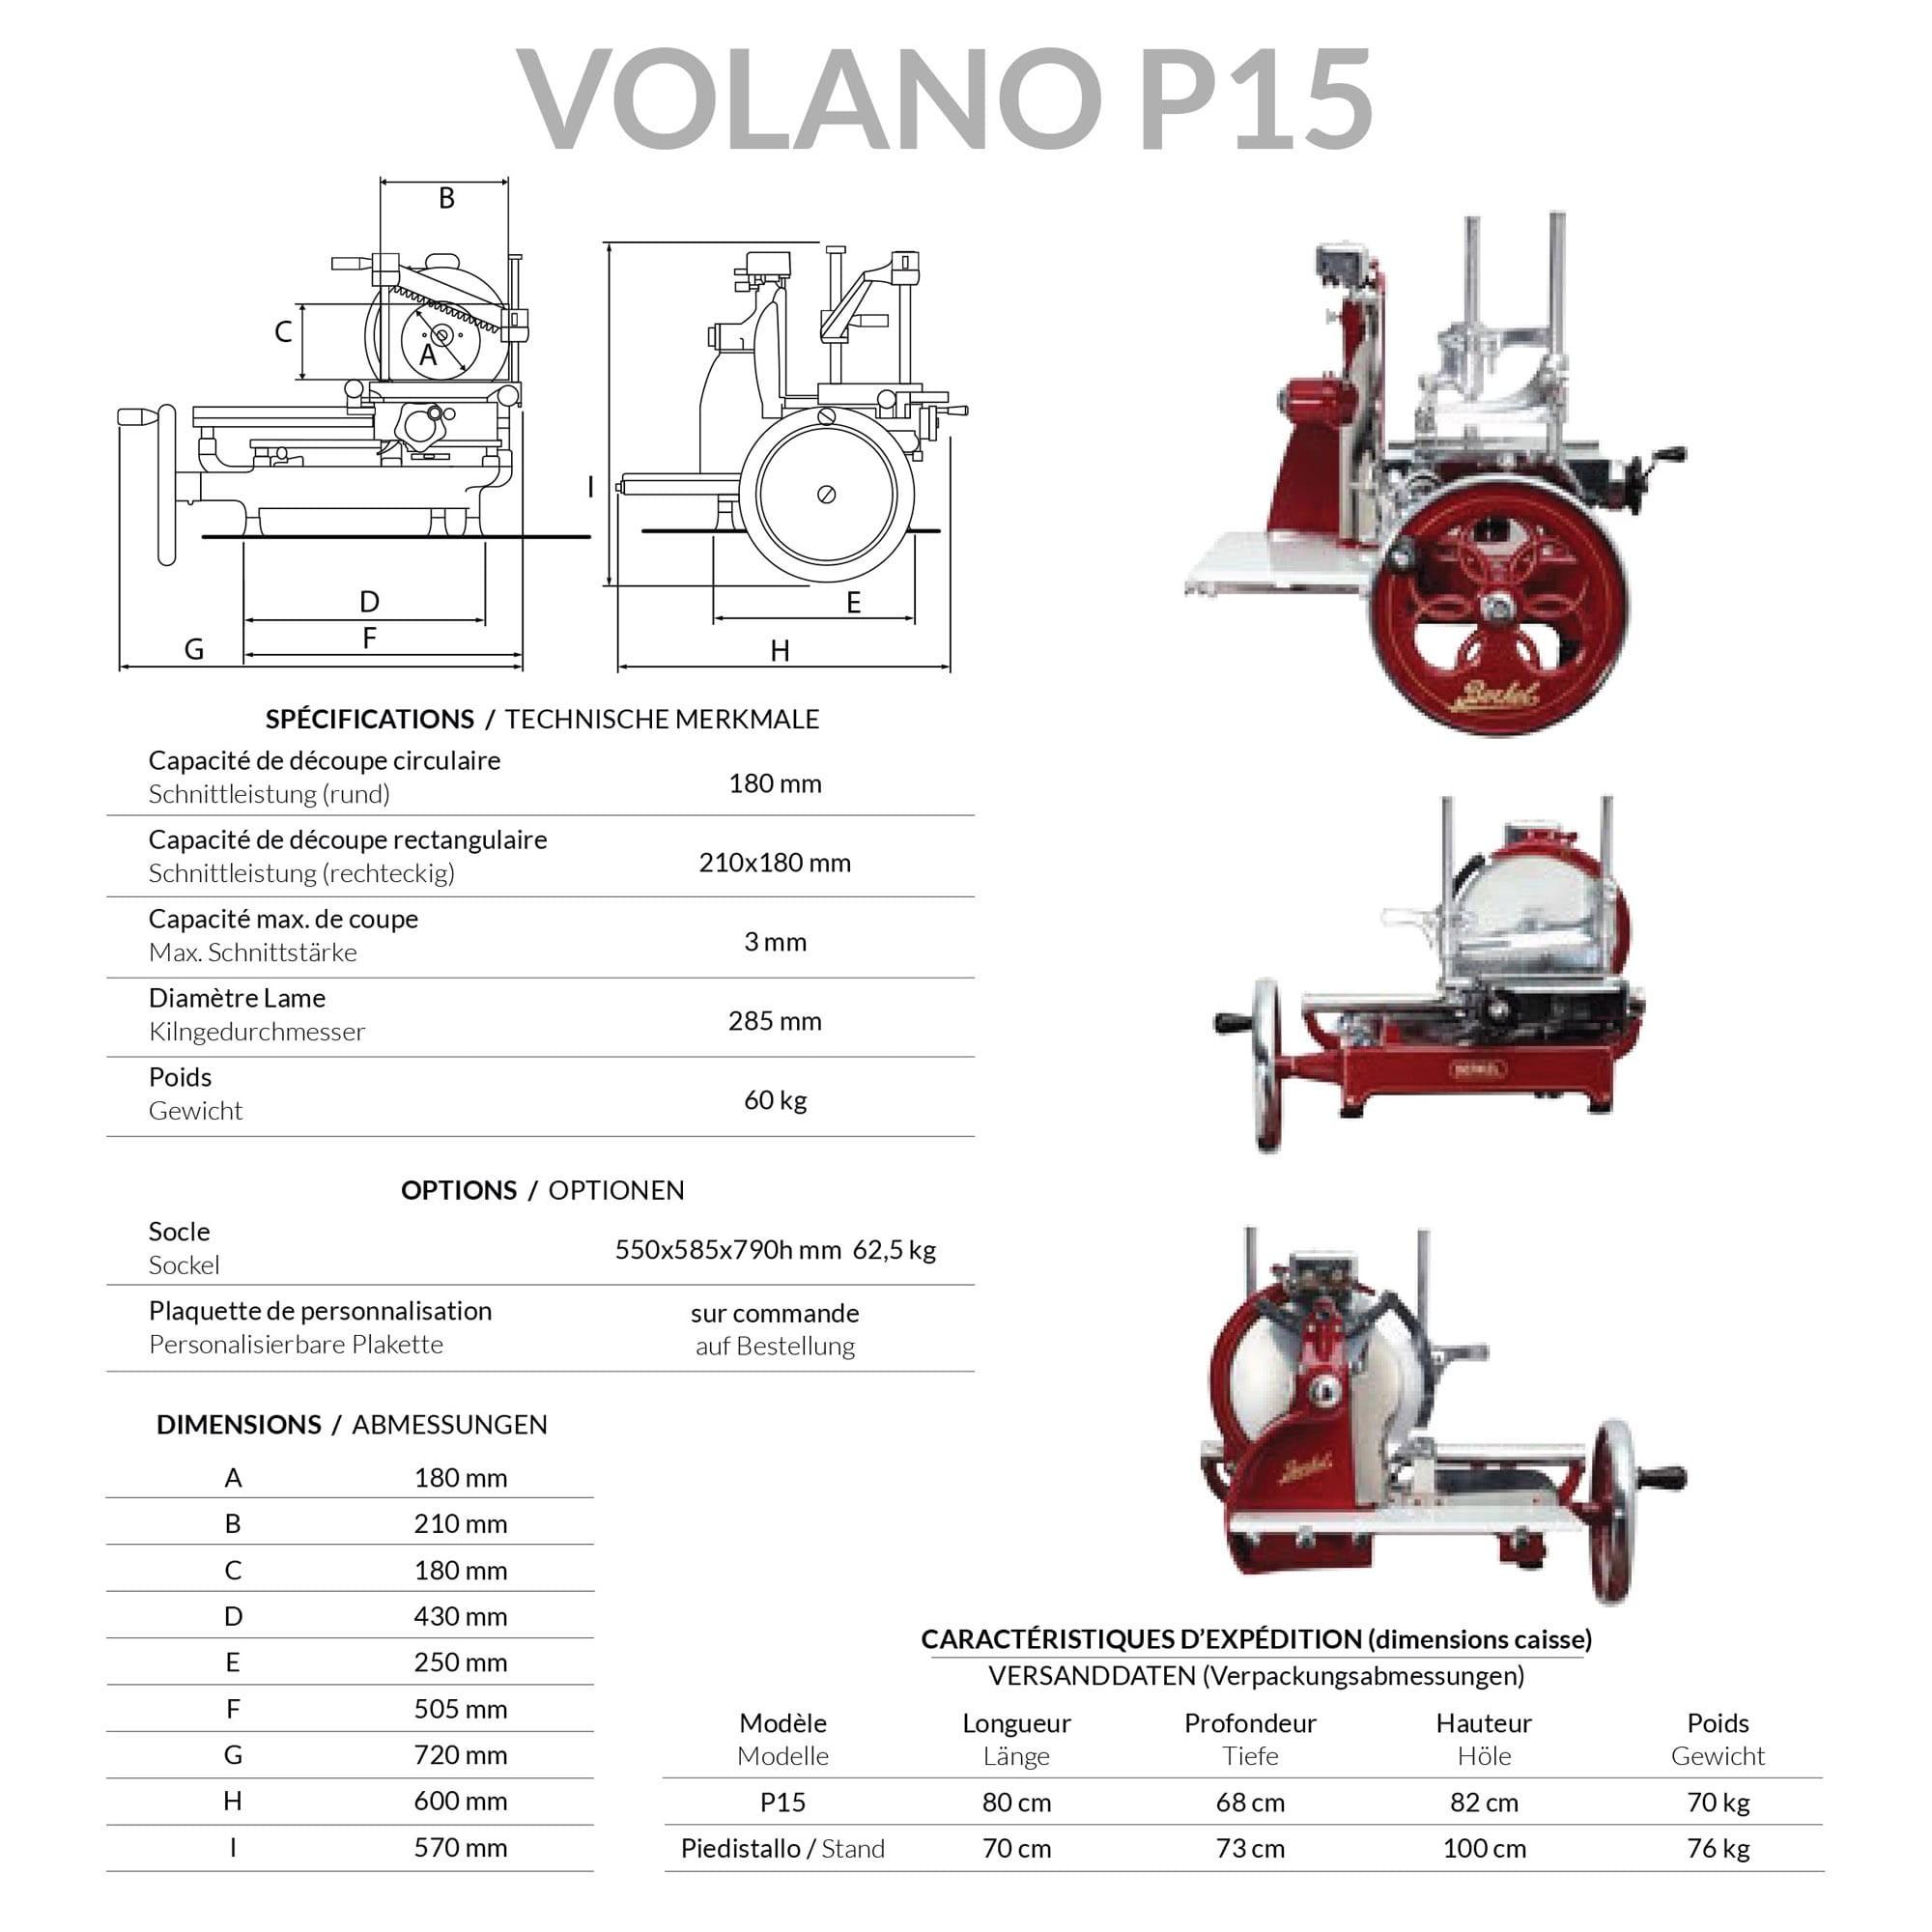 Berkel Slicer Parts Diagram Schneidemaschine Berkel Volano